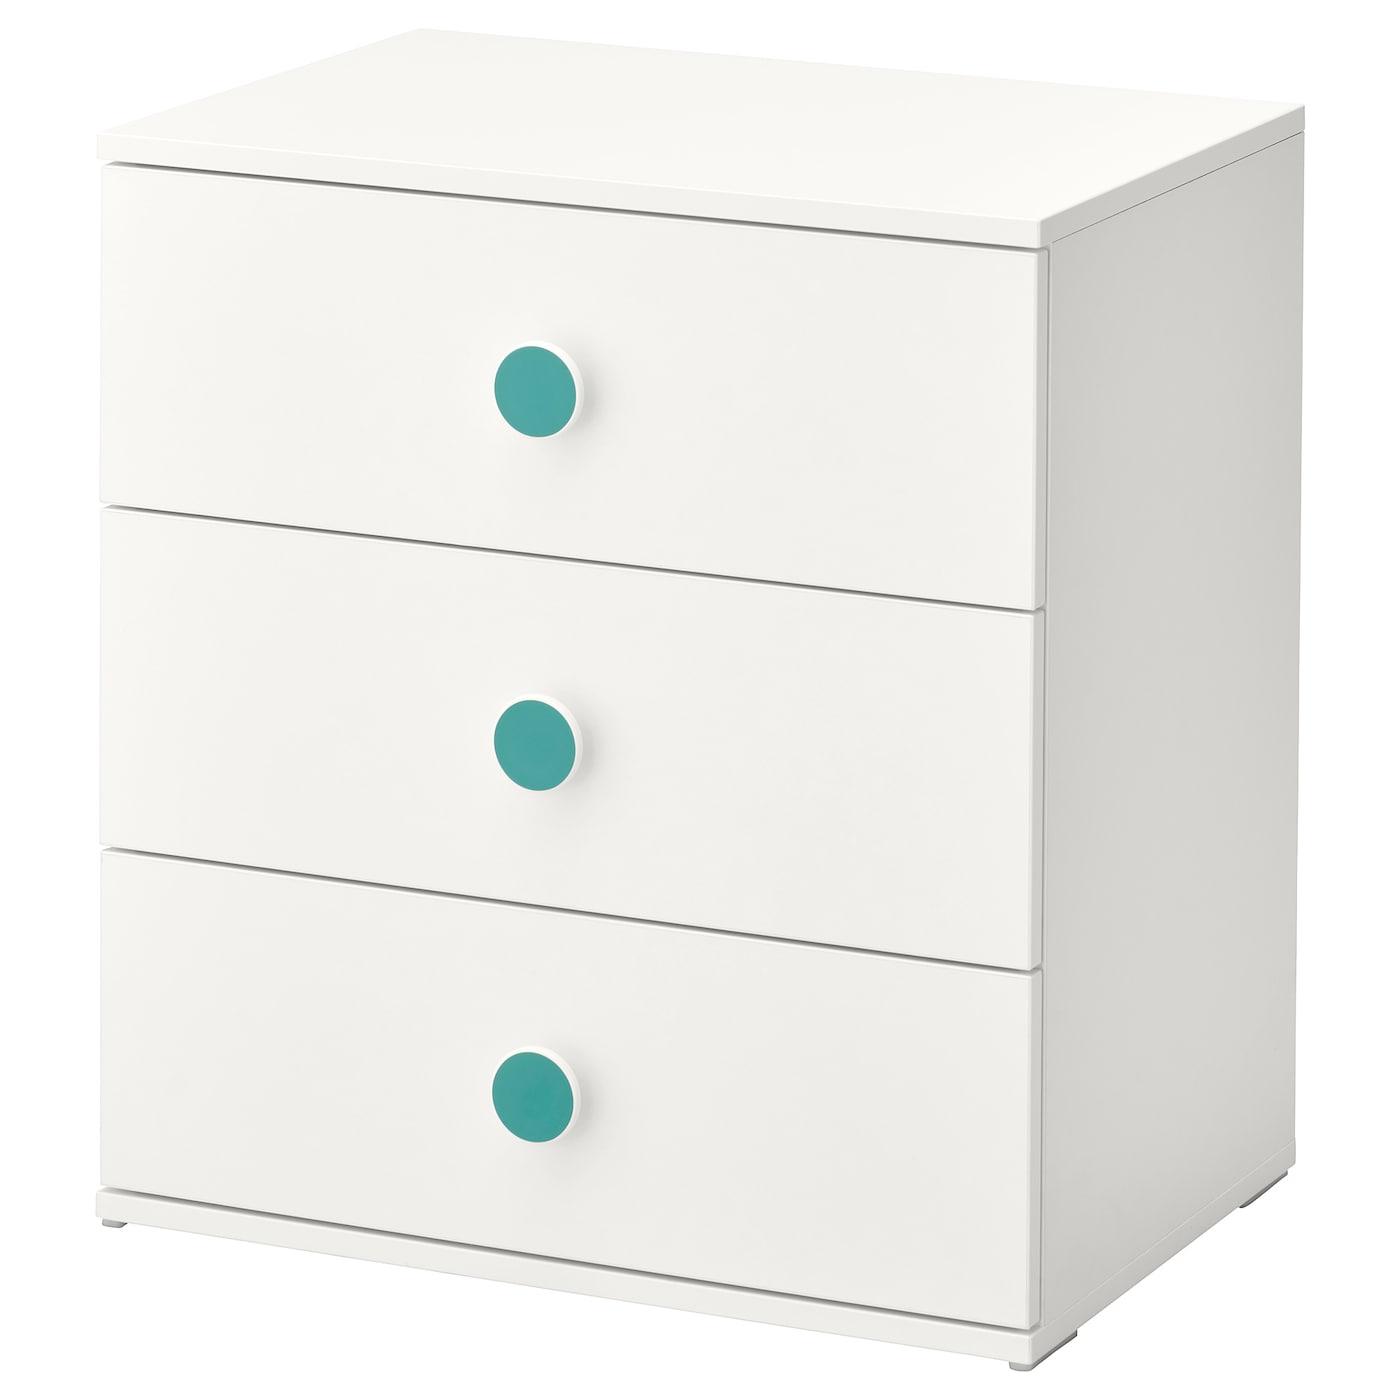 IKEA GODISHUS Komoda, 3 szuflady, biały, 60x64 cm